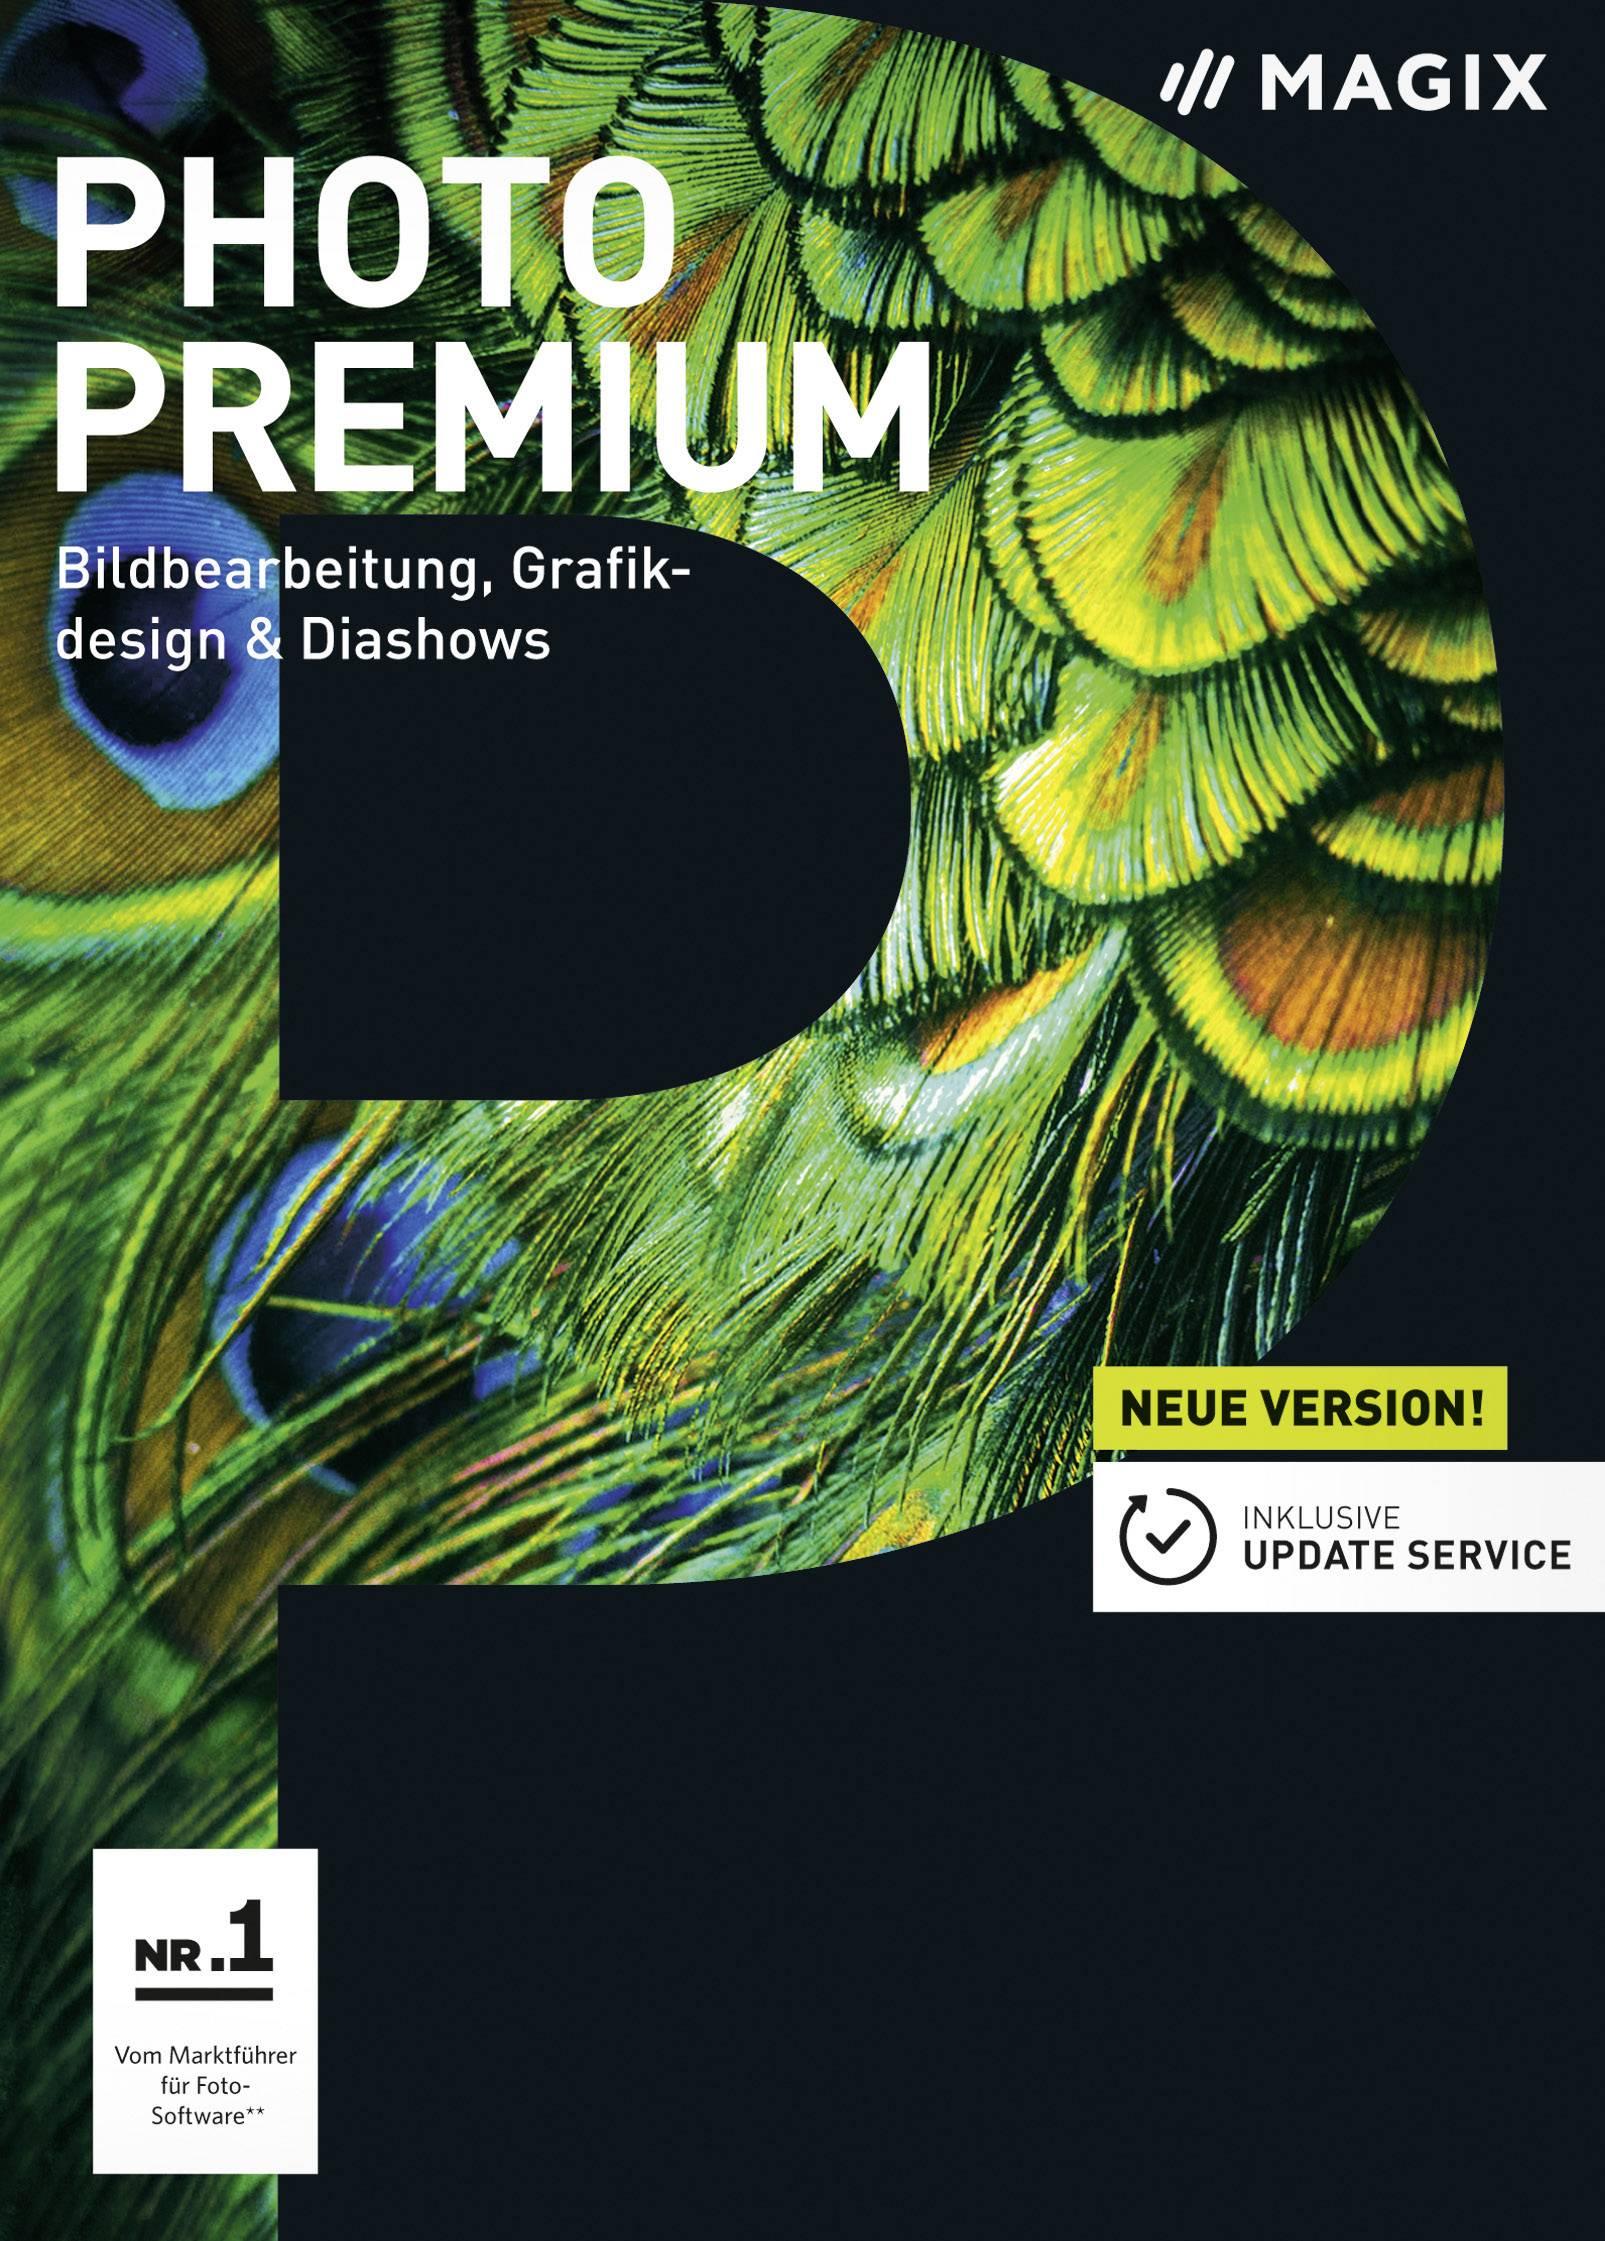 Magix Photo Premium Full version, 1 license Windows Illustrator